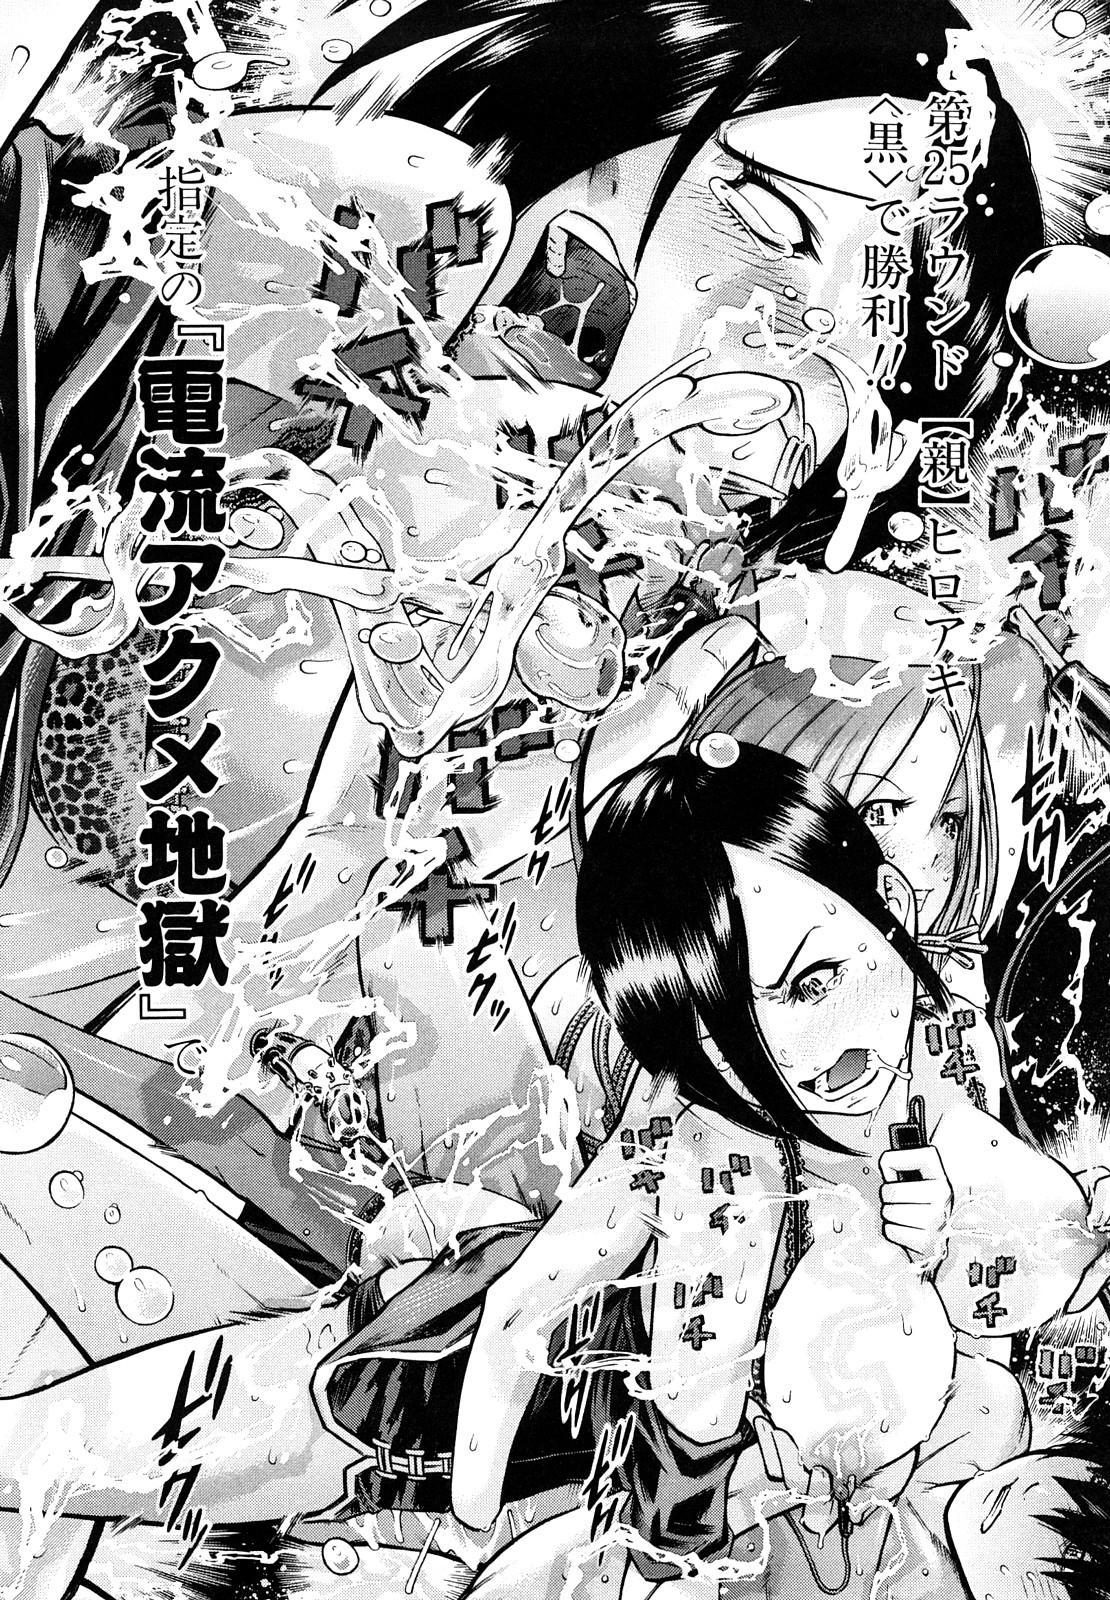 Chijyotachi no Kirifuda 76